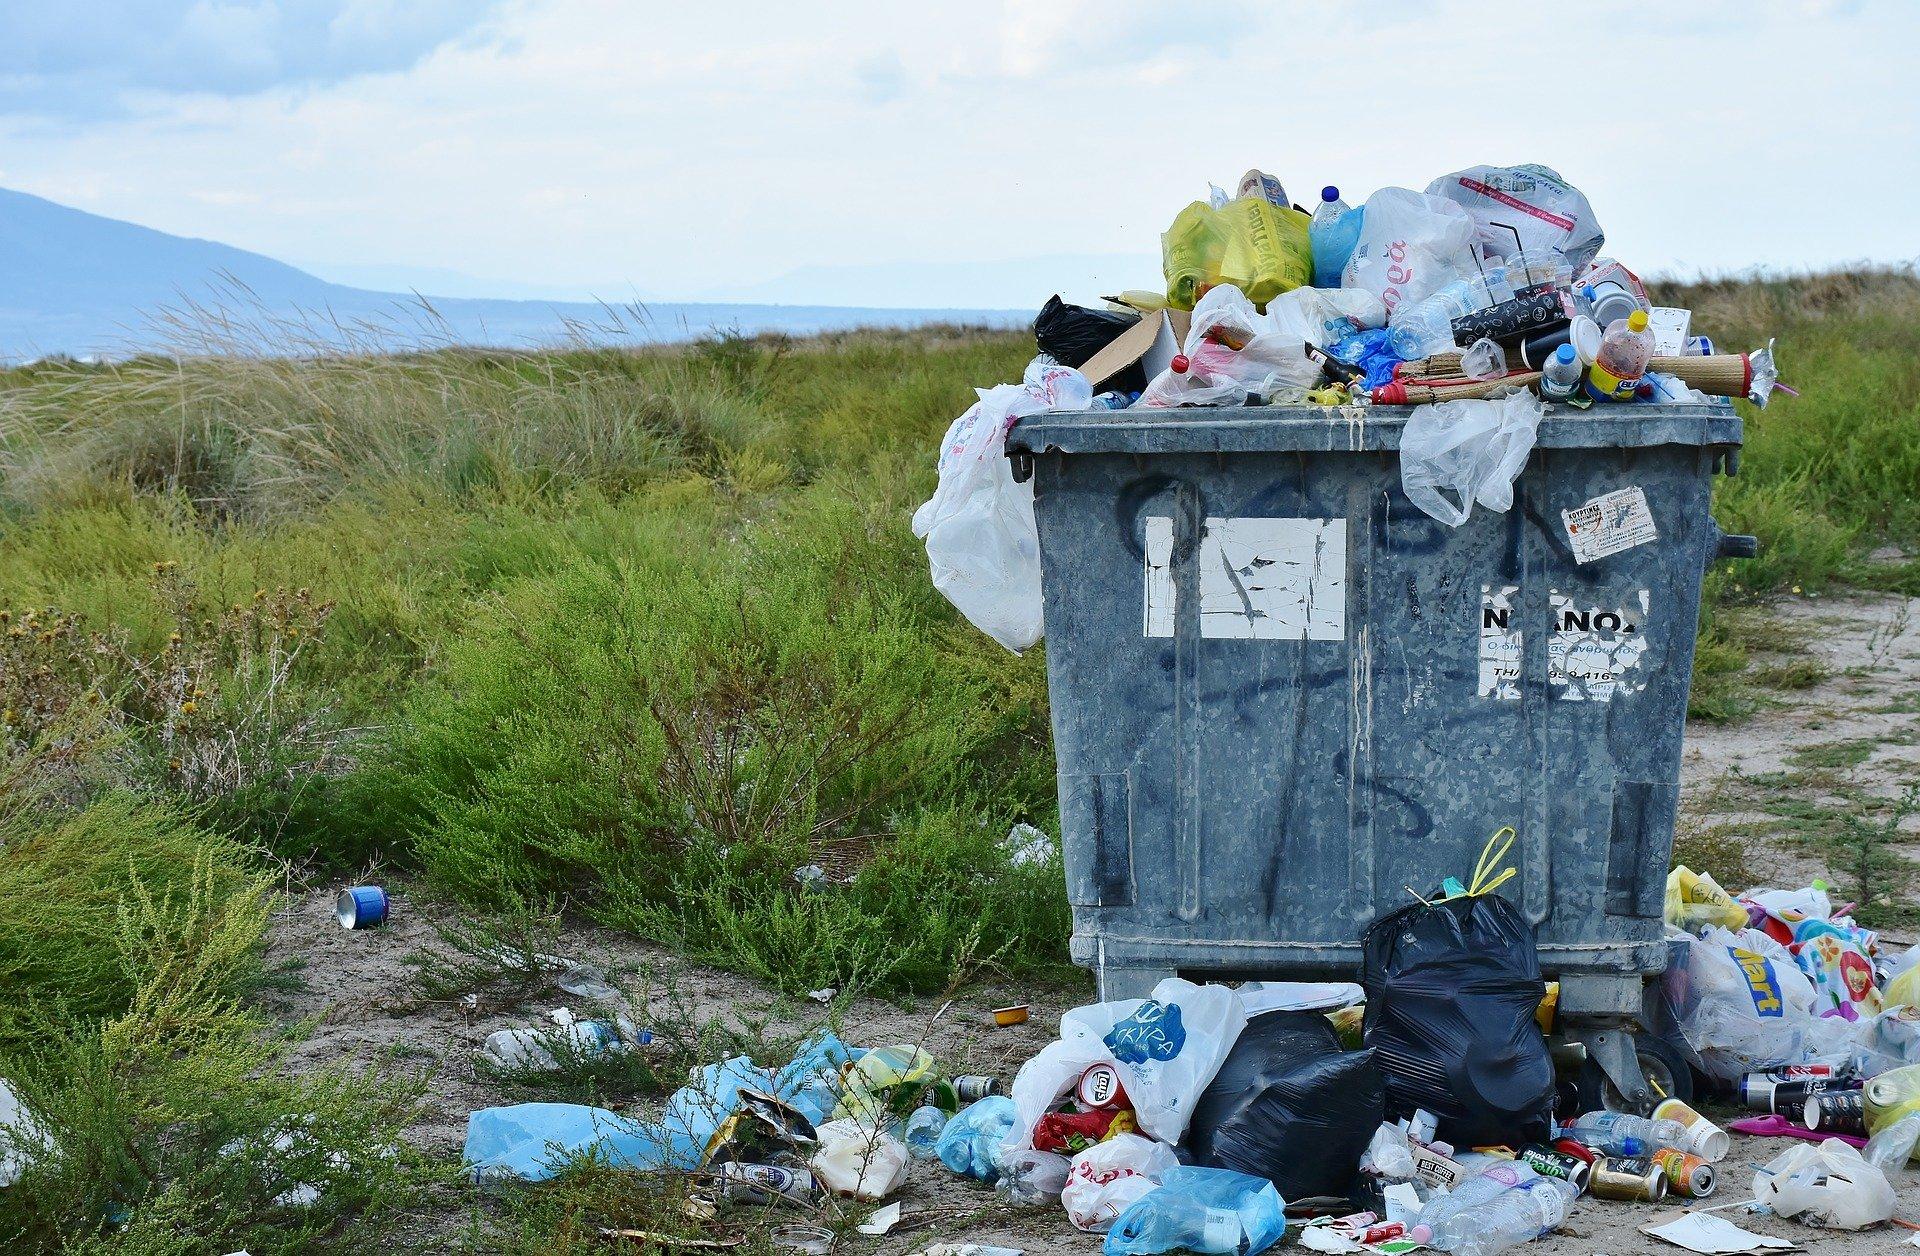 Ordinanza contingibile e urgente del Sindaco per la rimozione di rifiuti abbandonati legittima o illegittima